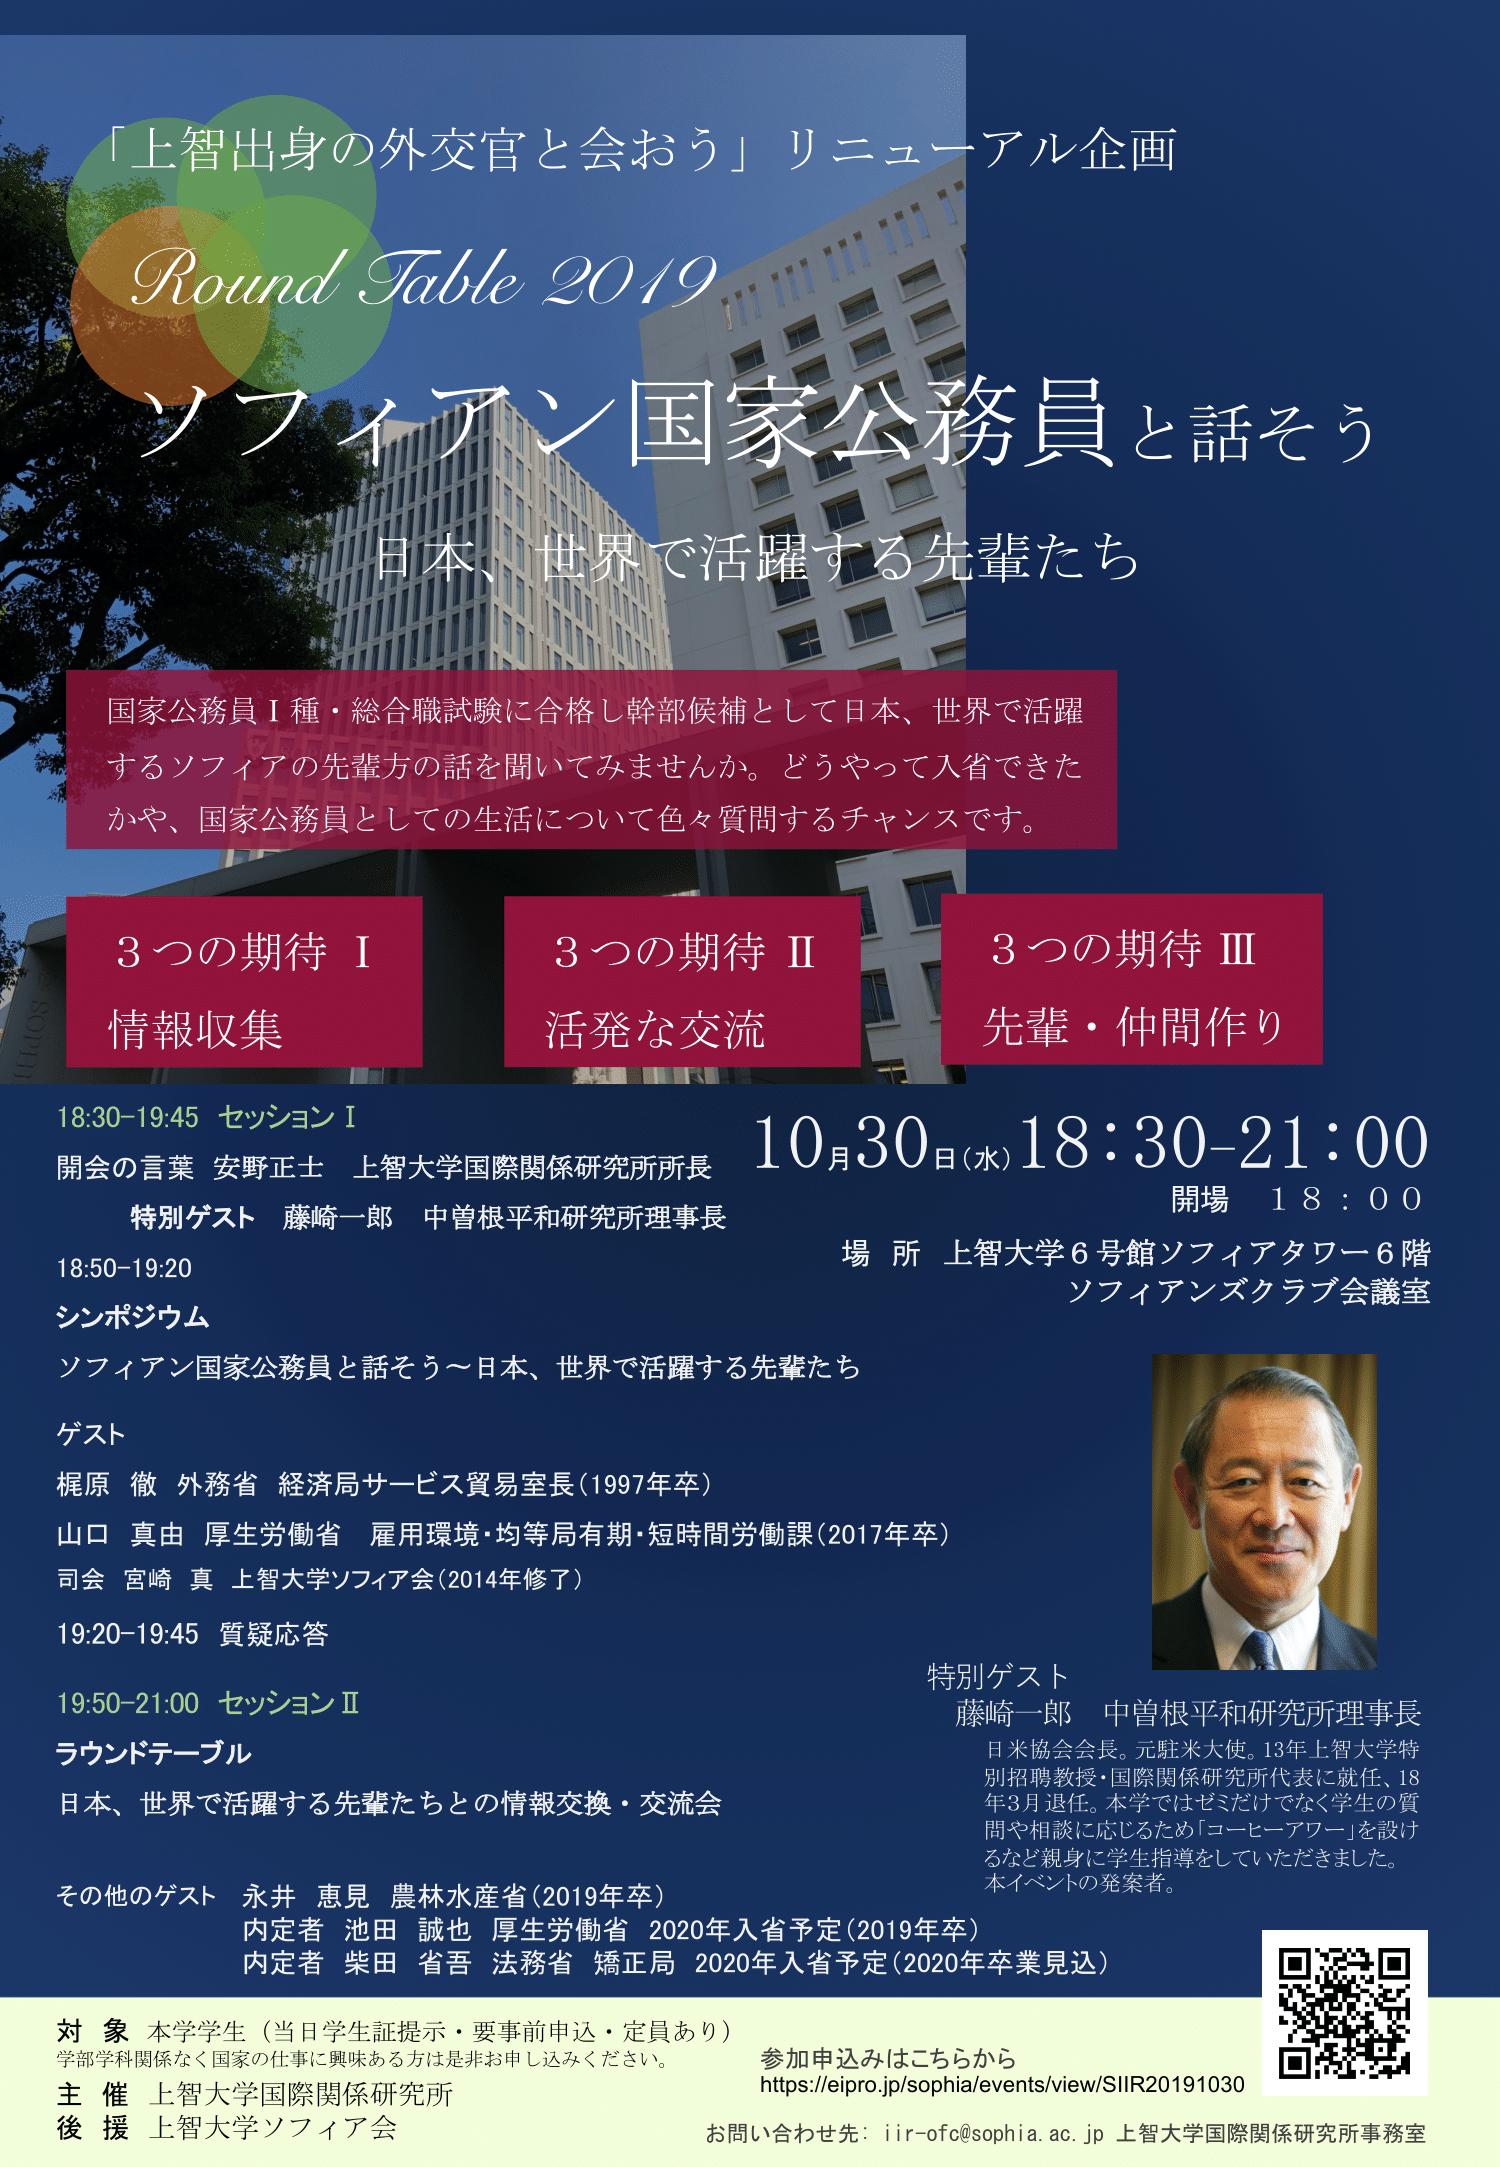 国際関係研究所主催ラウンドテーブル 「ソフィアン国家公務員と話そう -日本、世界で活躍する先輩達」を開催します